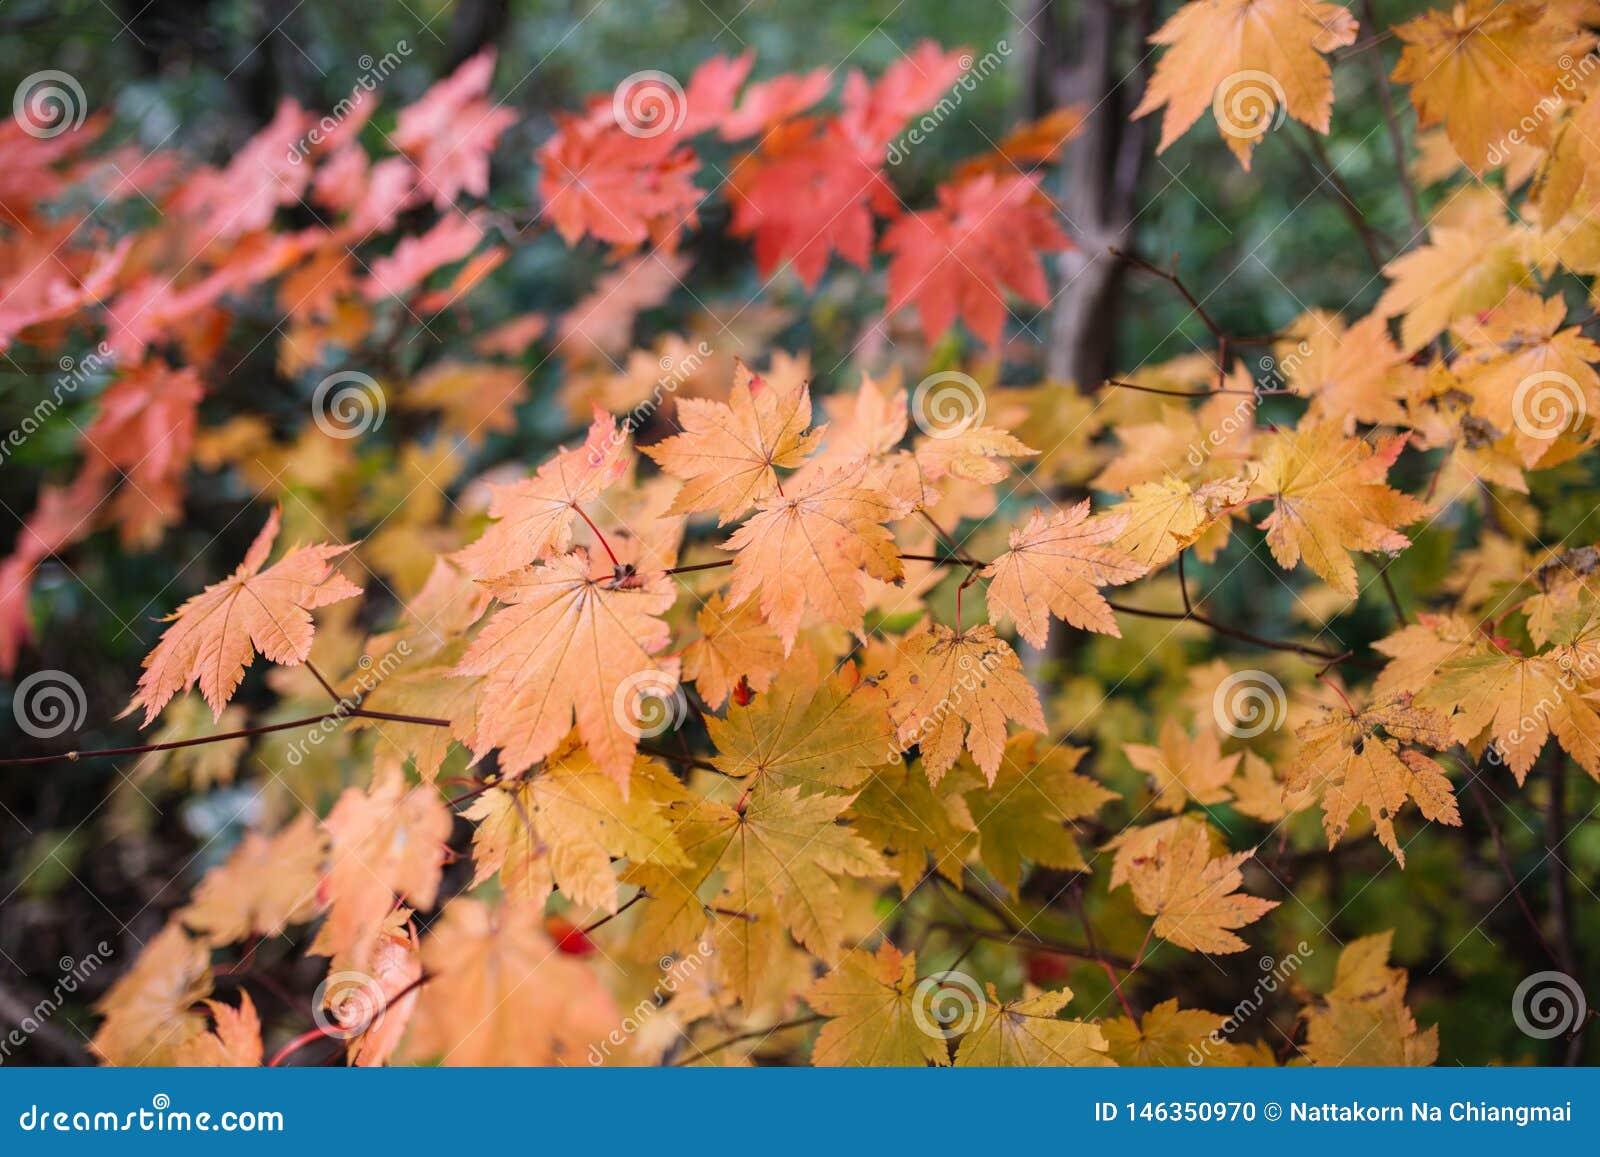 De herfstseizoen, gele en rode kleuren van Japanse esdoornbladeren